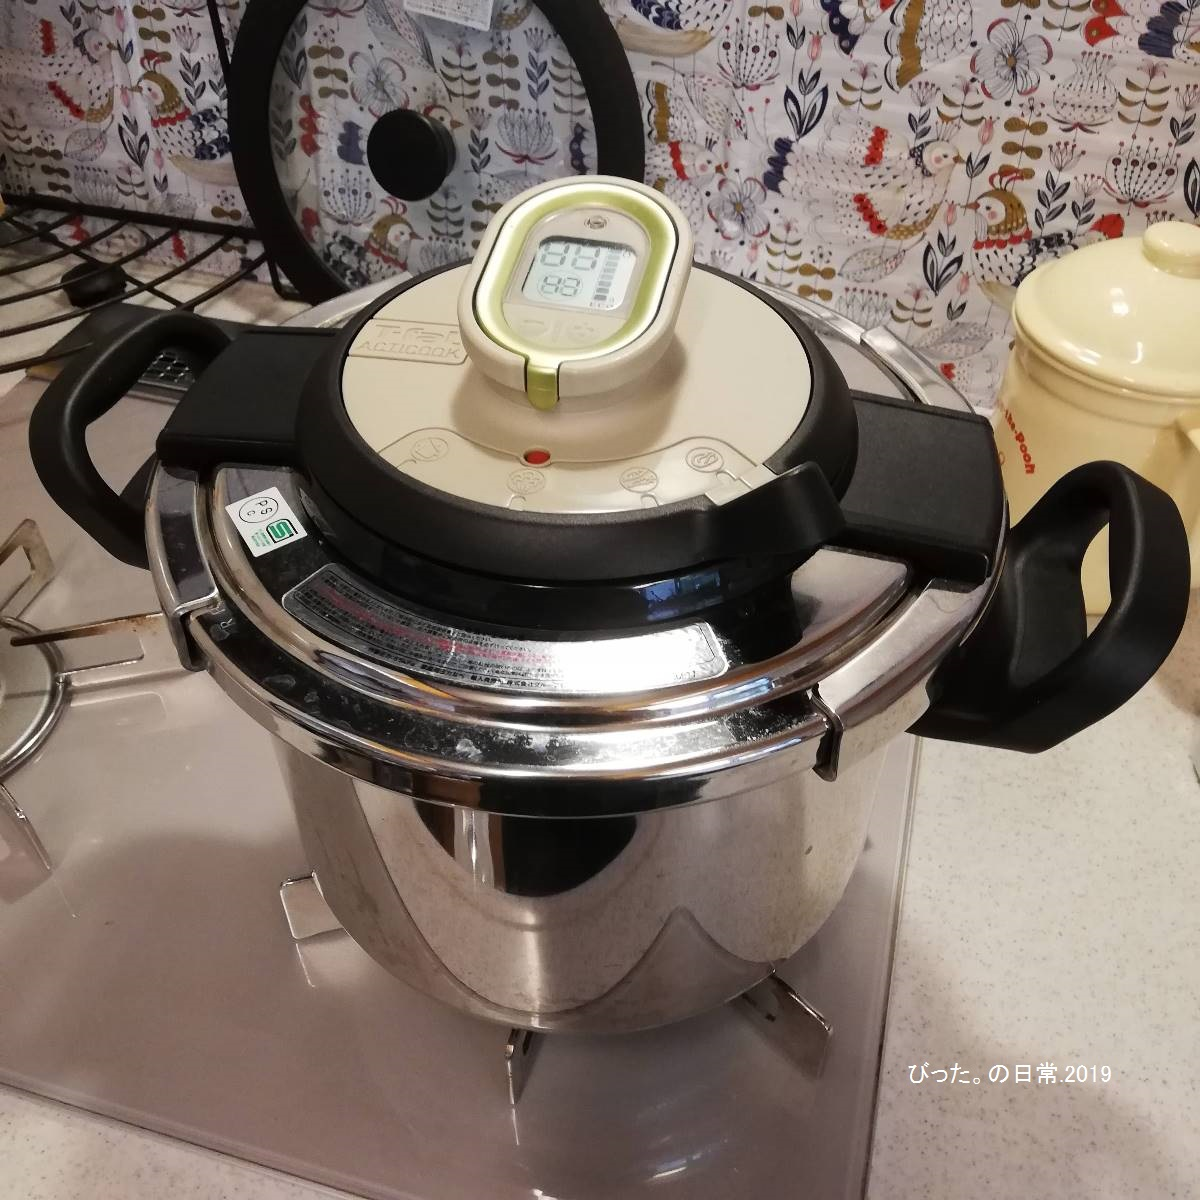 牛すじカレー,圧力鍋